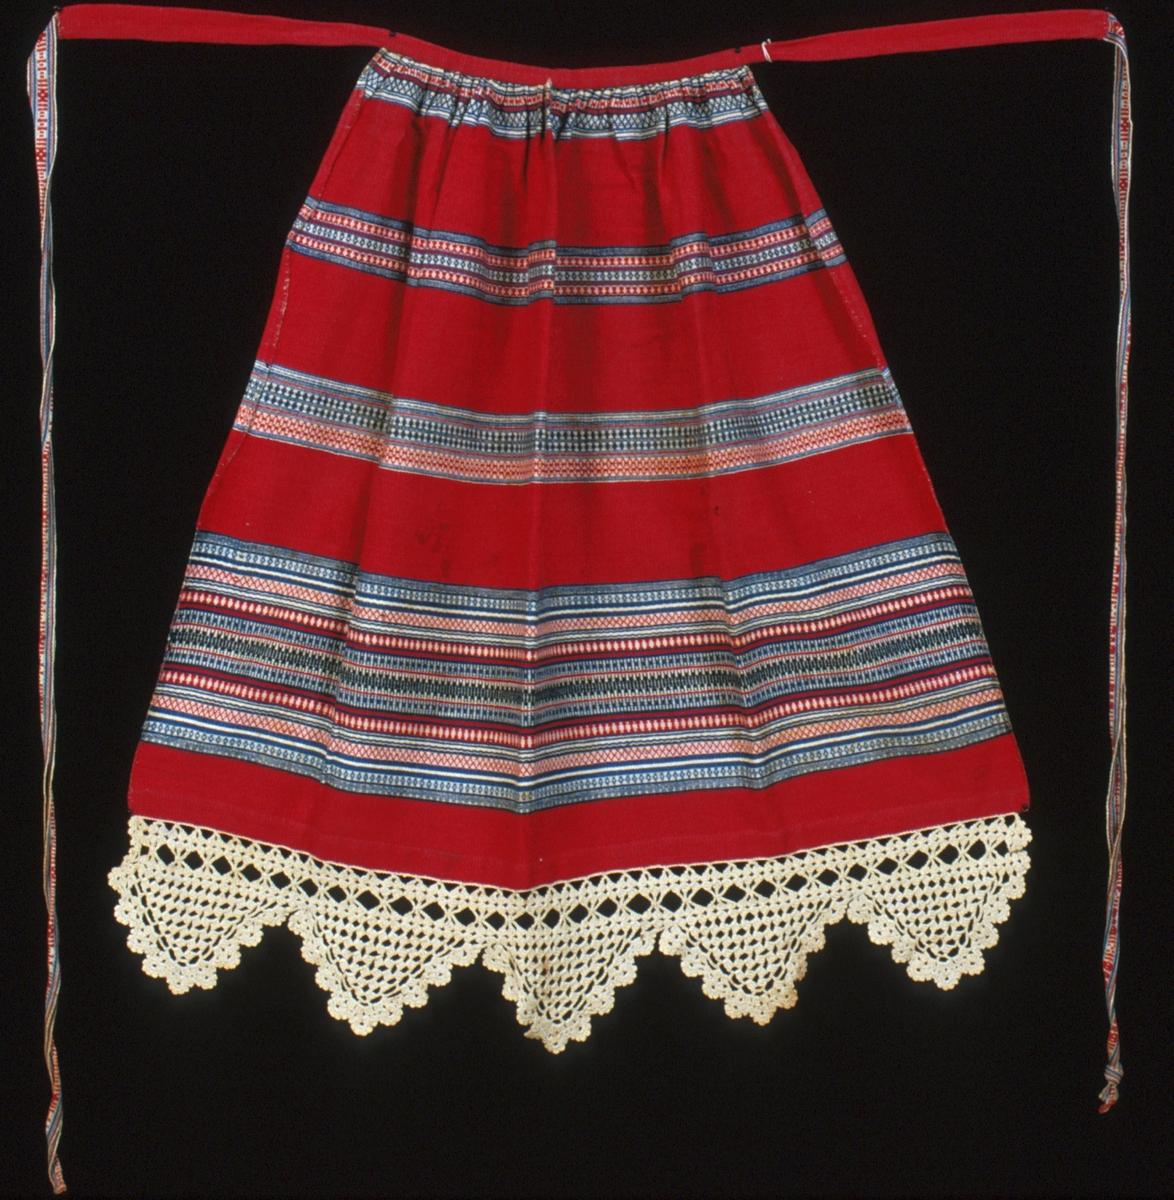 Förkläde vävt i inslagsrips med breda rosengångsbårder på tvären. Nedtill är förklädet kantat med en grov, virkad uddspets i oblekt bomullsgarn. Röd botten i inslagsrips med fyra rosengångsbårder i tre nyanser blått samt vitt och rött. Tre bårder är 45-55 mm breda, den fjärde, nedersta bården är 170 mm bred. Förklädet är rynkat mot linningen, bredden upptill är 270 mm. Linningen, i samma röd tyg som bottenväven, är förlängd i var sida och utgör början av knytbanden, i sin helhet är den 810 mm lång. Påsydda mönstervävda knytband i var sida; ca 930 mm långa. Stadkanter i sidorna, 20 mm bred fåll nedtill. Den virkade spetsen är 140 mm som bredast. Handsydda sömmar. Varp i vitt bomullsgarn, 12 trådar/cm. Inslag i kulört 1-trådigt bomullsgarn, ca 40 inslag/cm. Bandet: Varp i vitt, rött och två nyanser blått bomullsgarn.Inslag i vitt bomullsgarn. Plockat mönster